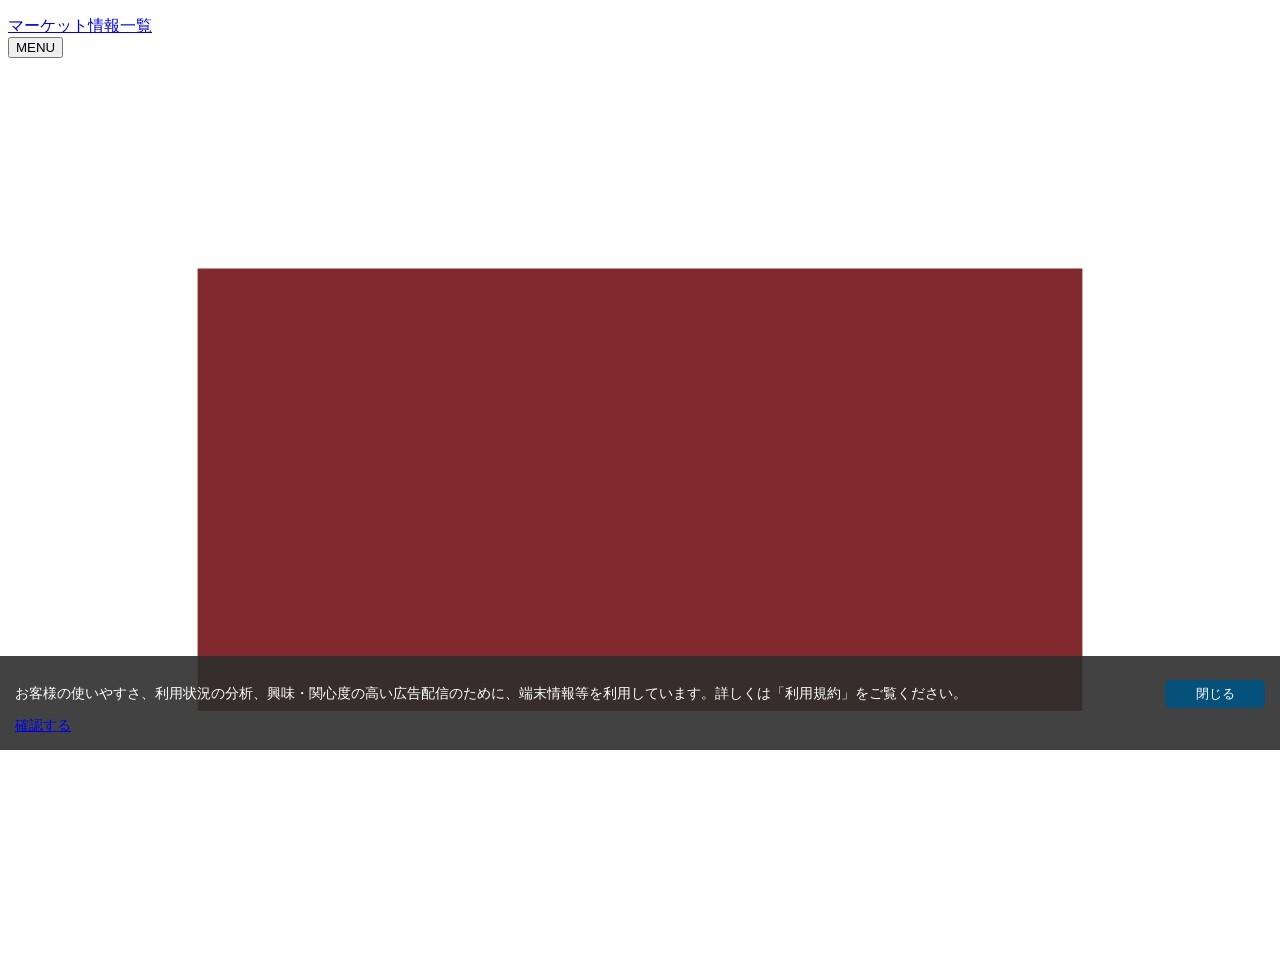 訪日客の人気スポット ランキング発表 (1/2ページ)